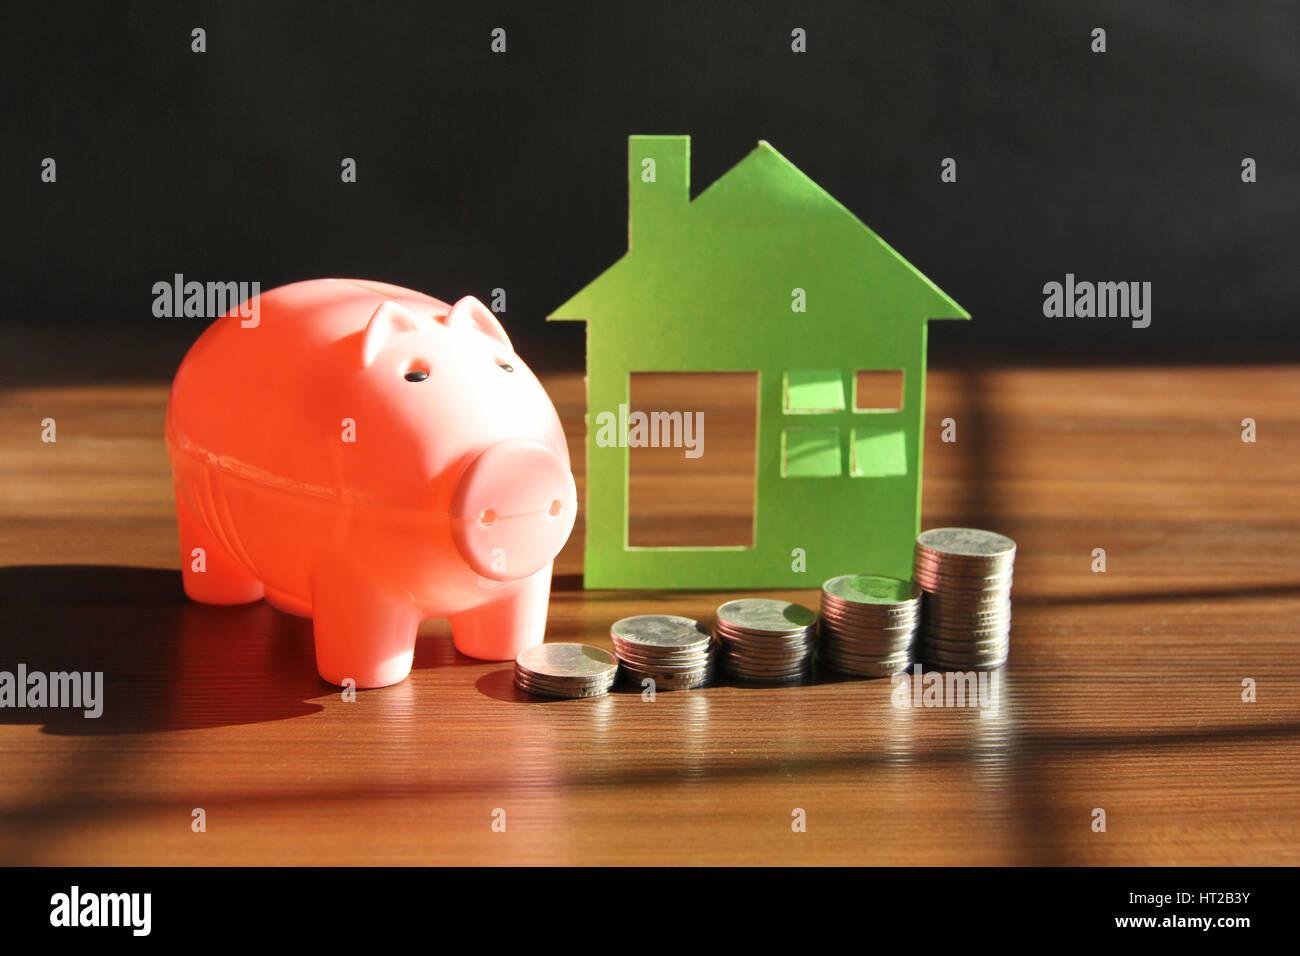 Sparen Geld, Haus oder zu Hause zu kaufen. Sparschwein mit Münzen Stockbild